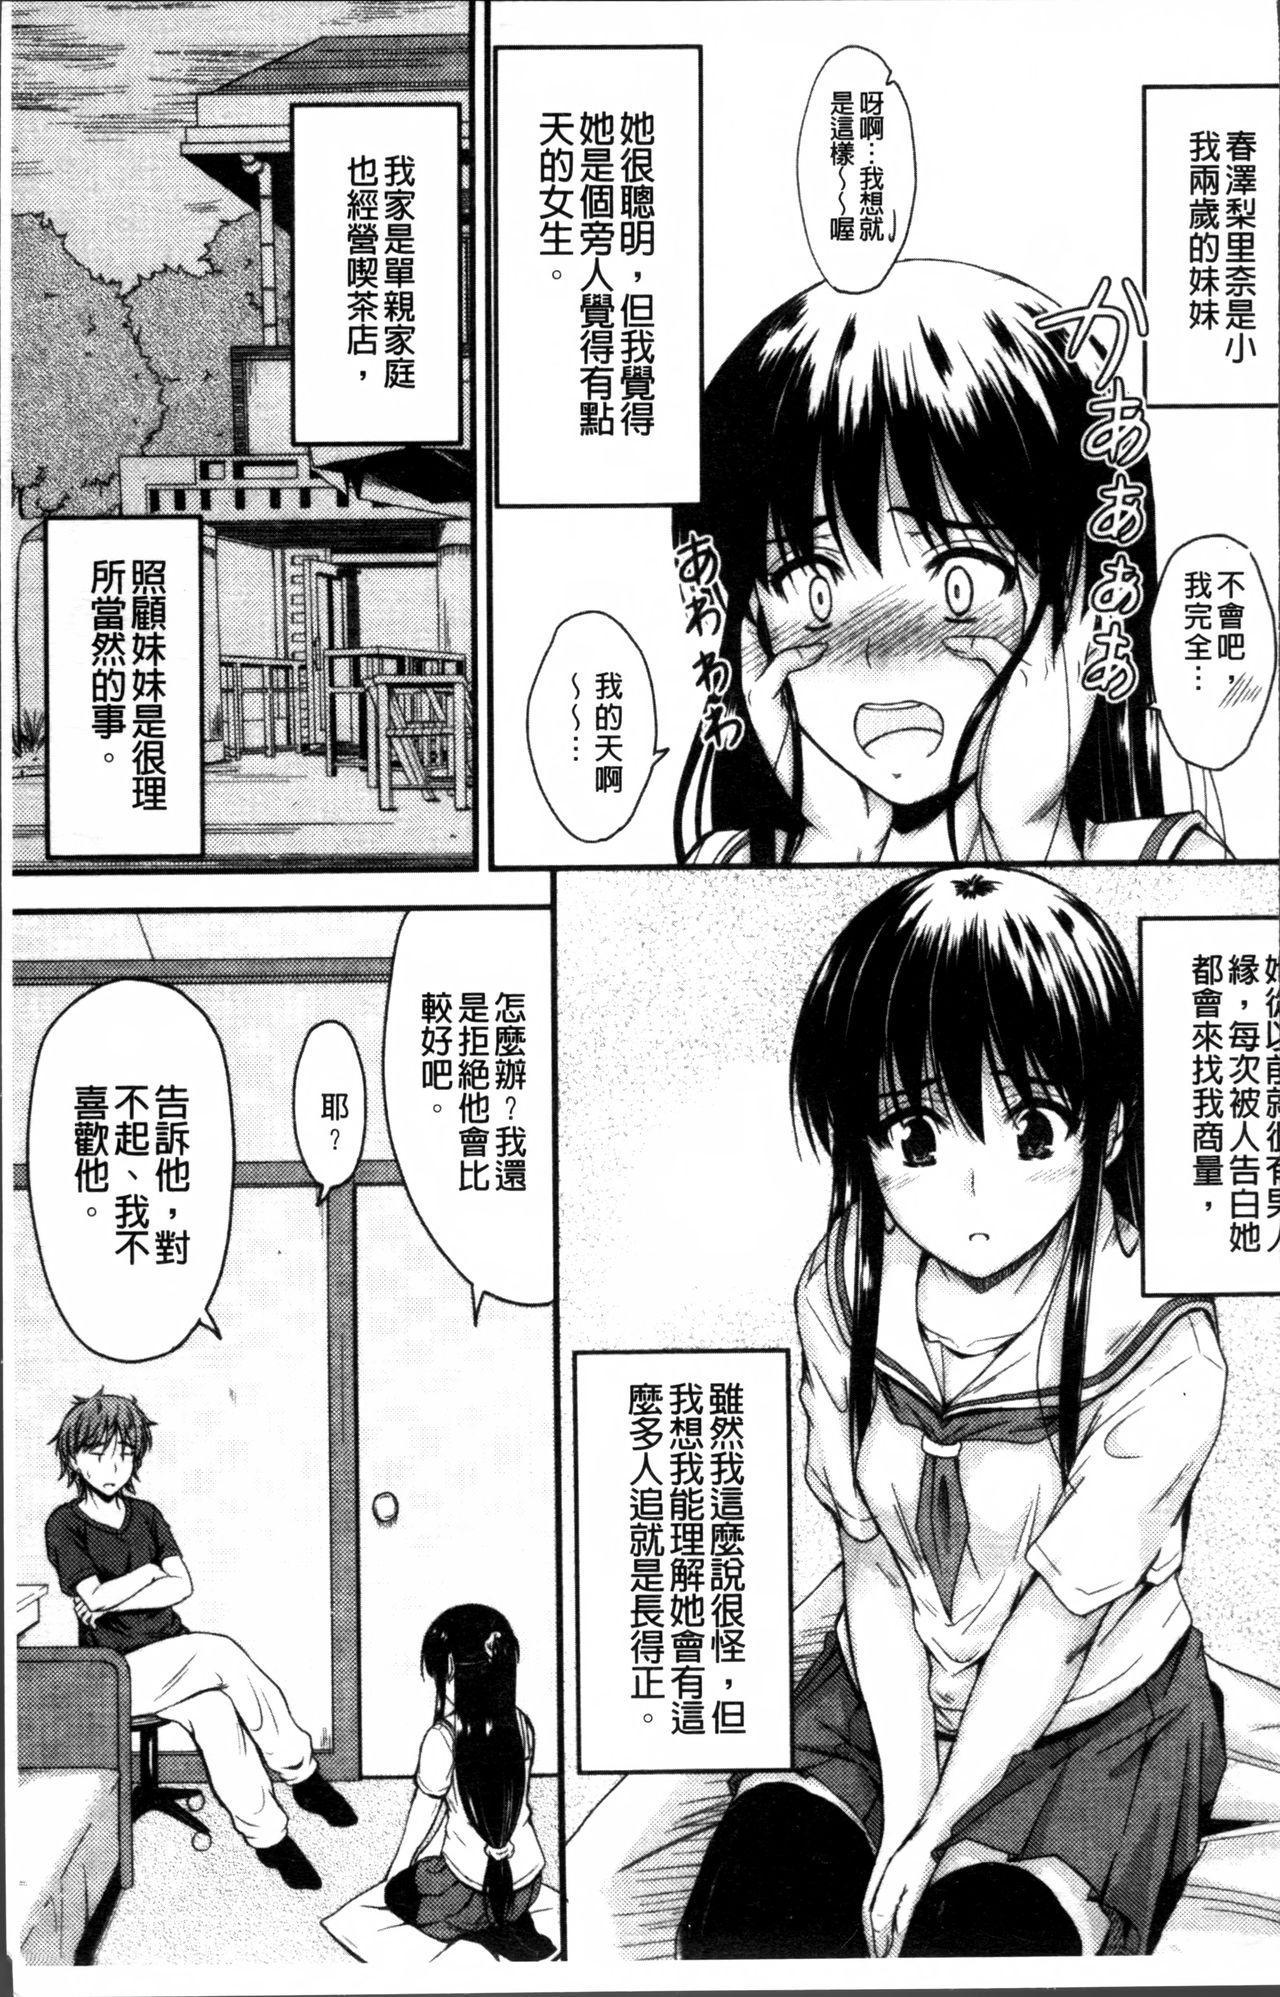 Koi Ecchi - Love H 12